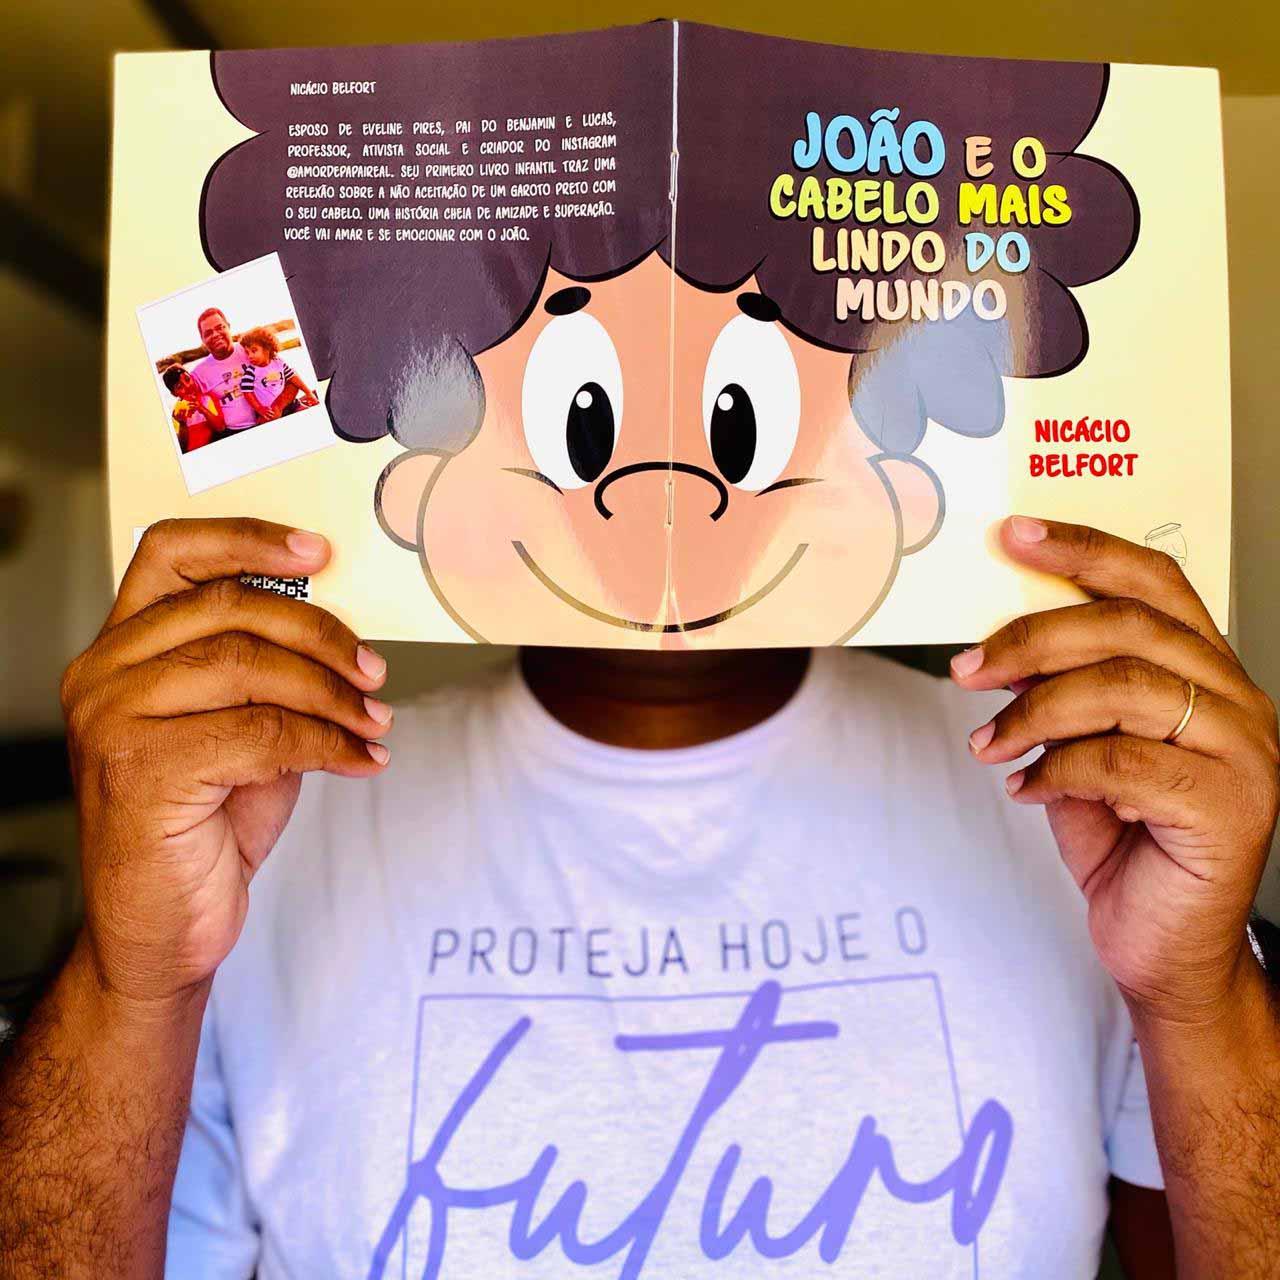 Após sofrer preconceitos na infância, nordestino lança livro para elevar autoestima de crianças com cabelo crespo 3